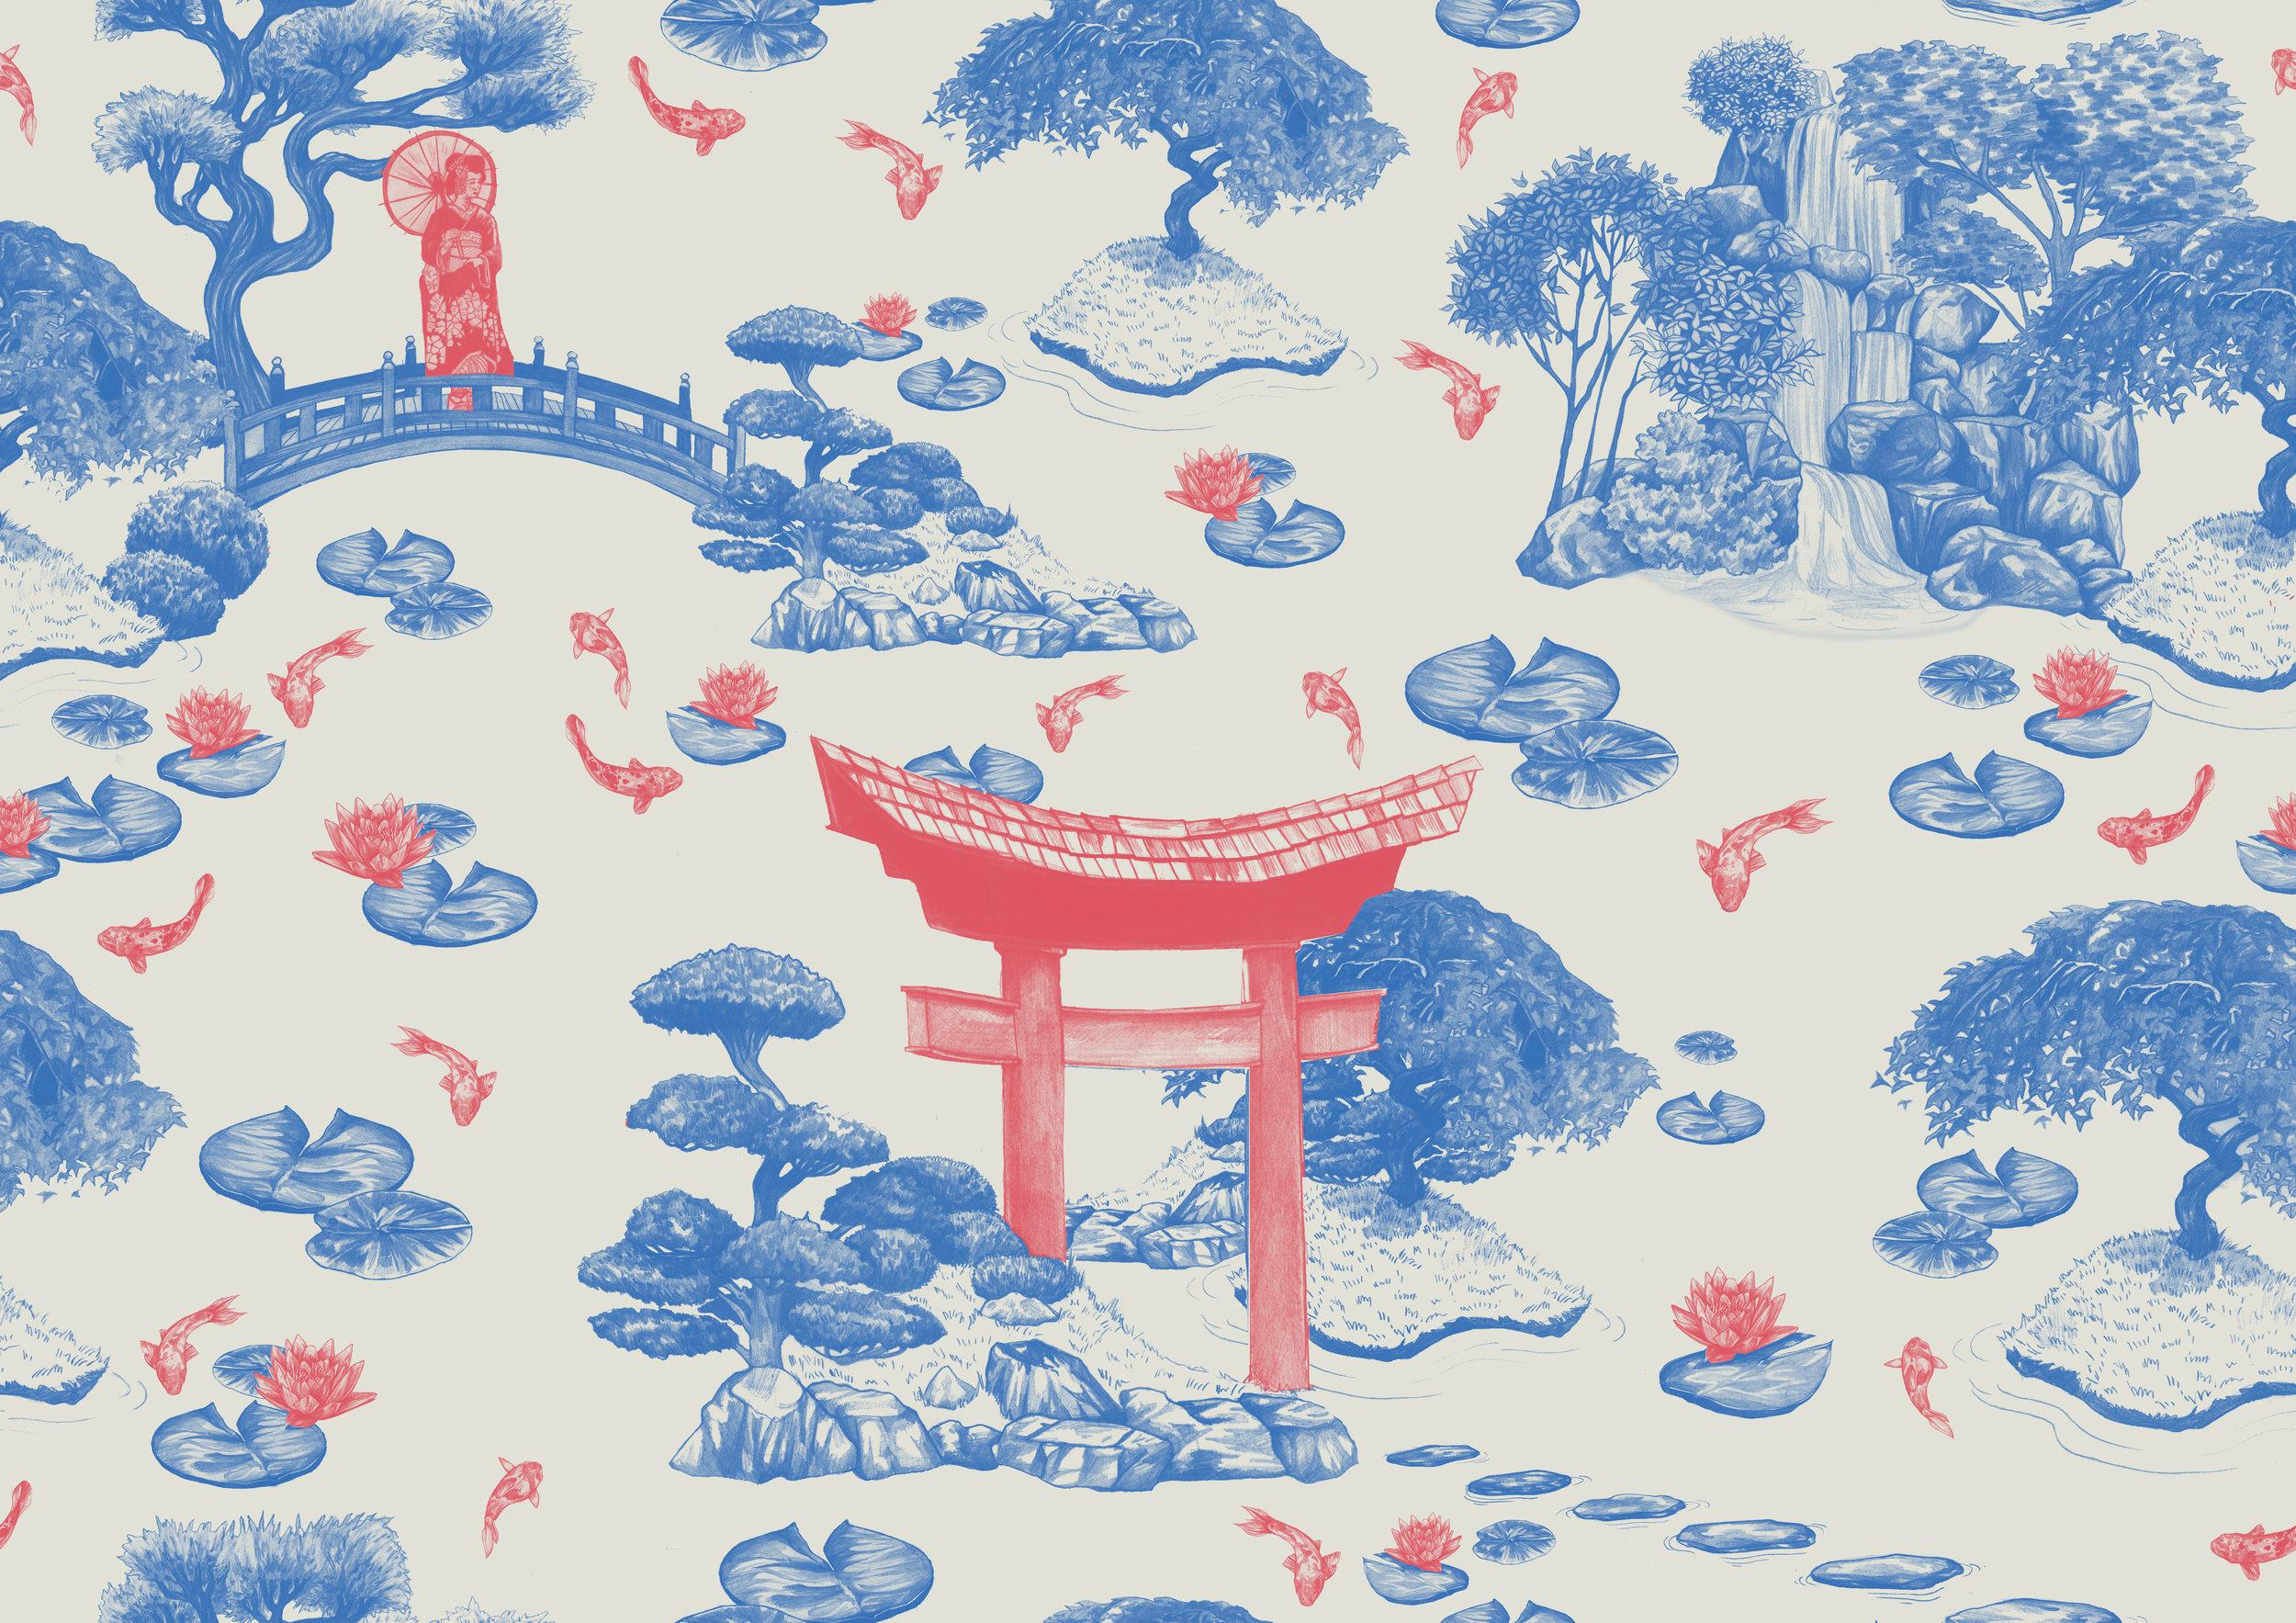 J apanese Garden print created for Spoonflower